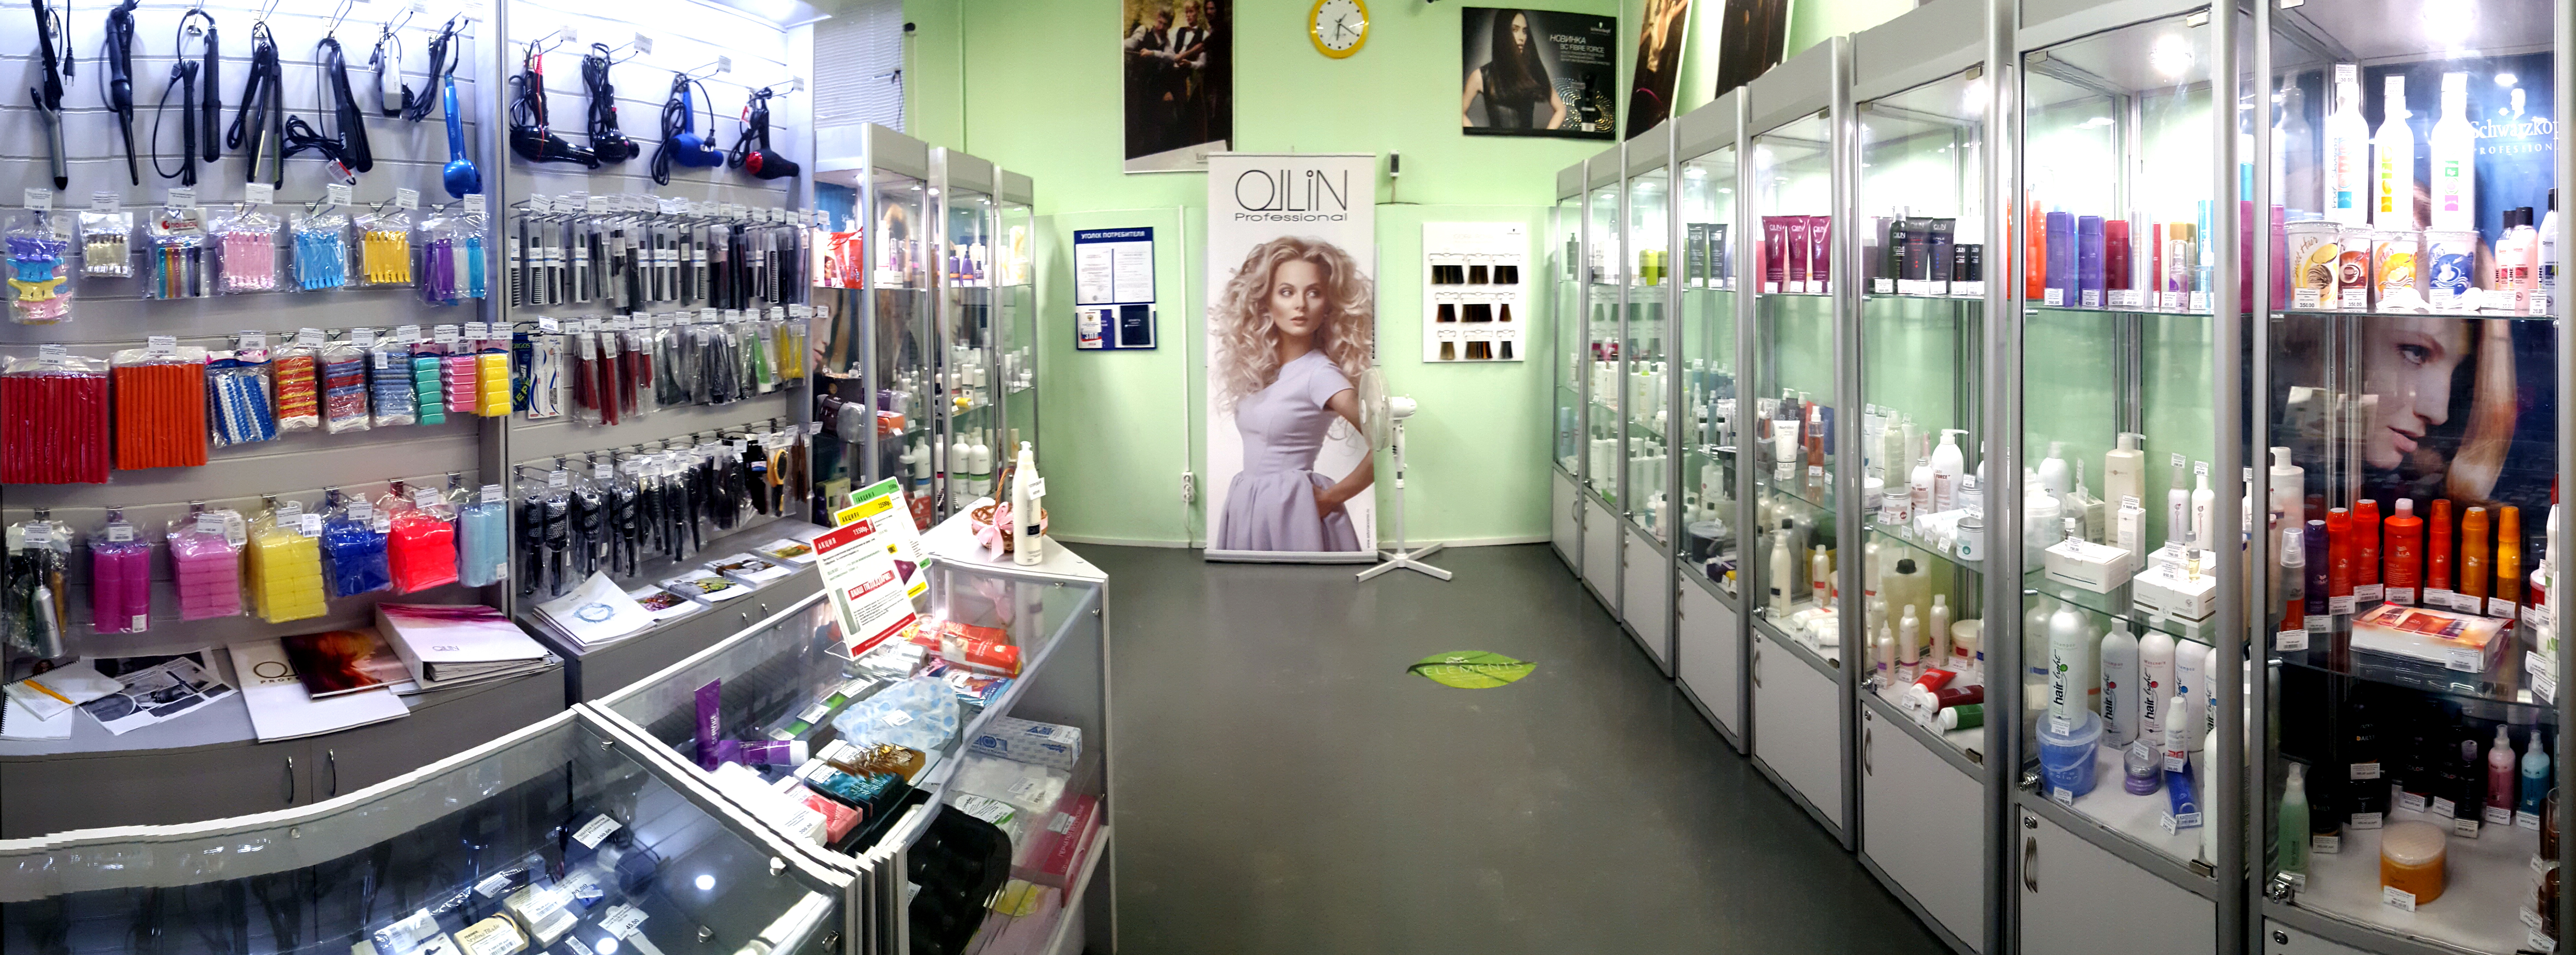 Магазин профессиональной косметики для волос адреса в москве